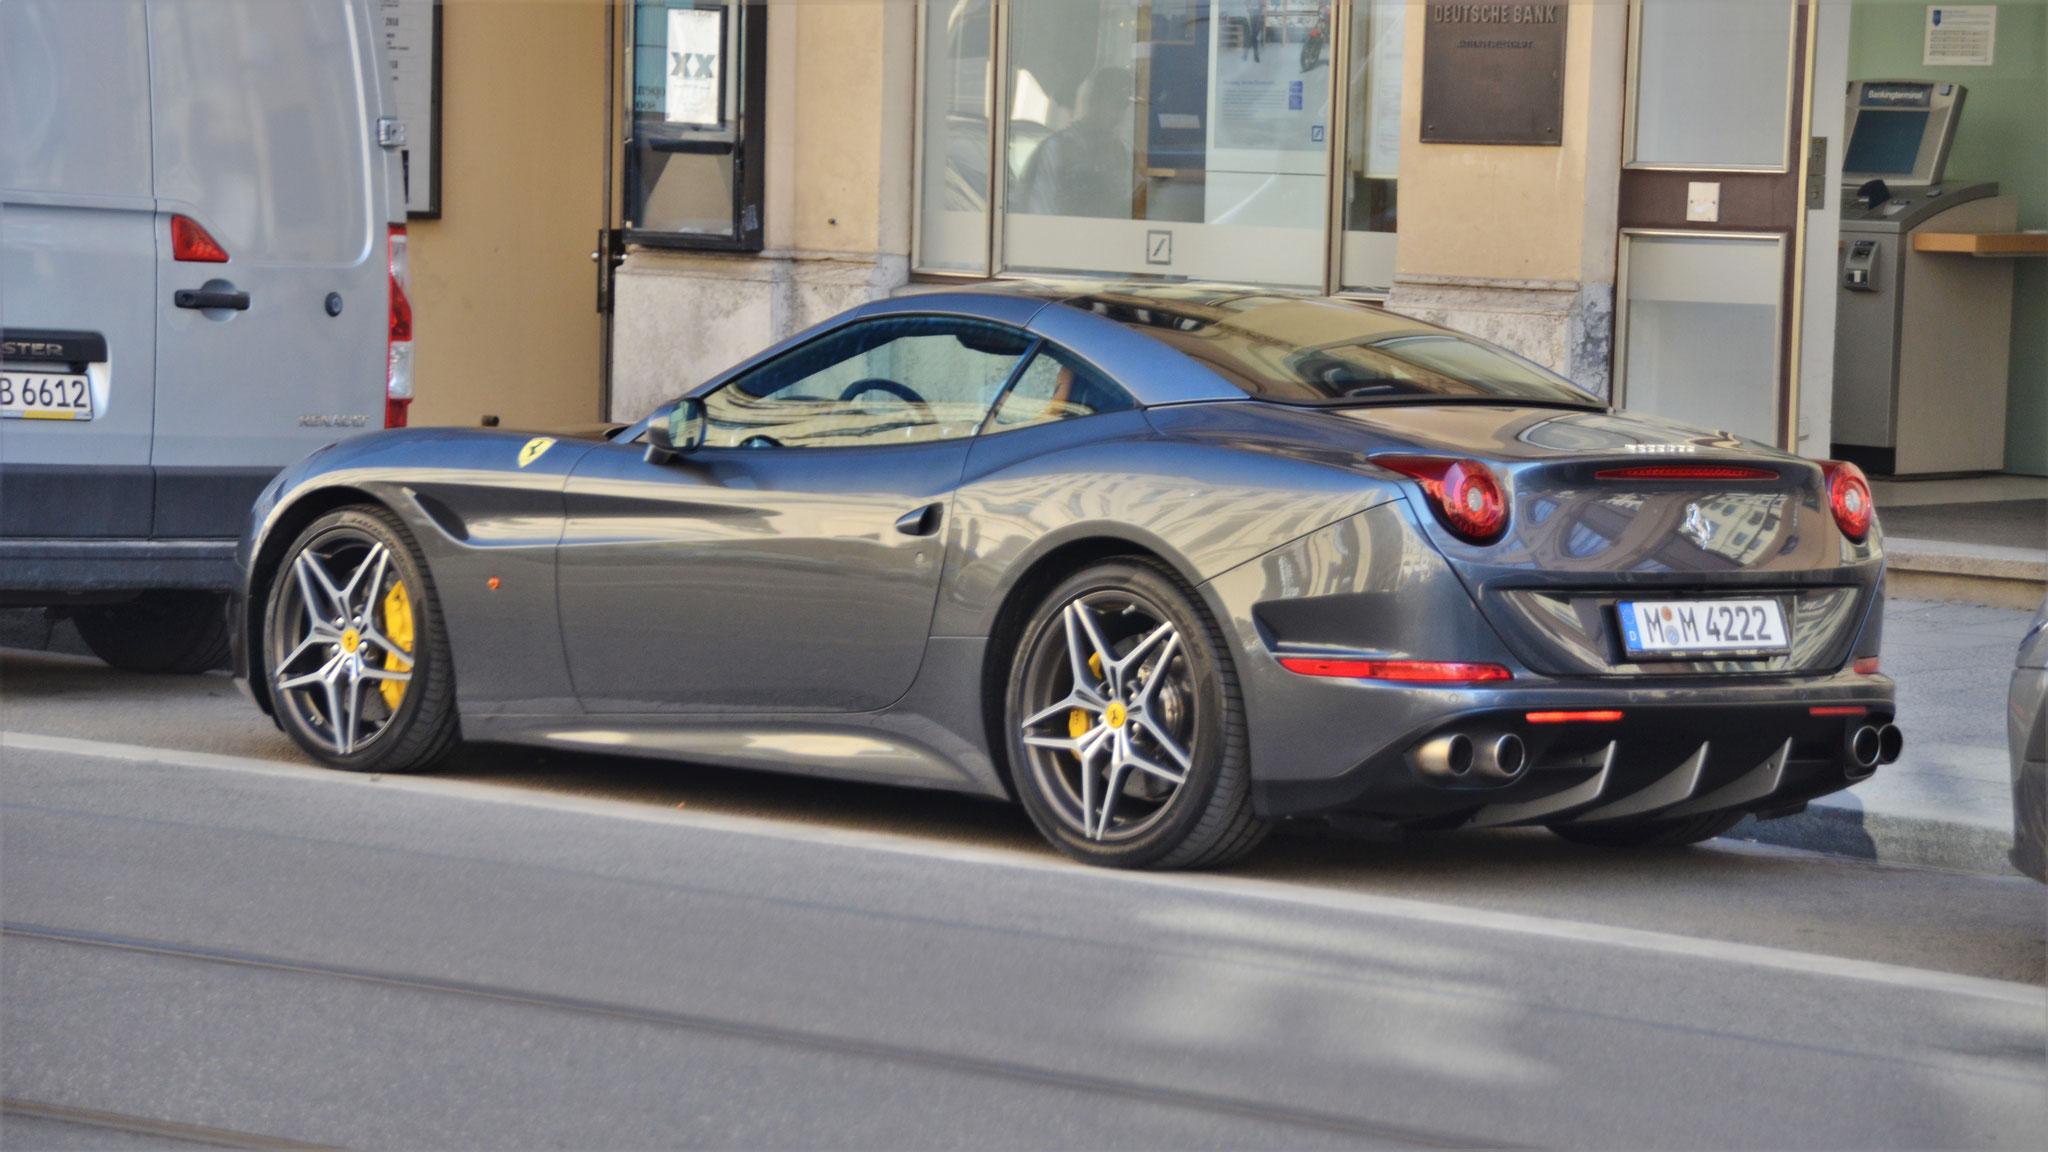 Ferrari California T - M-M-4222